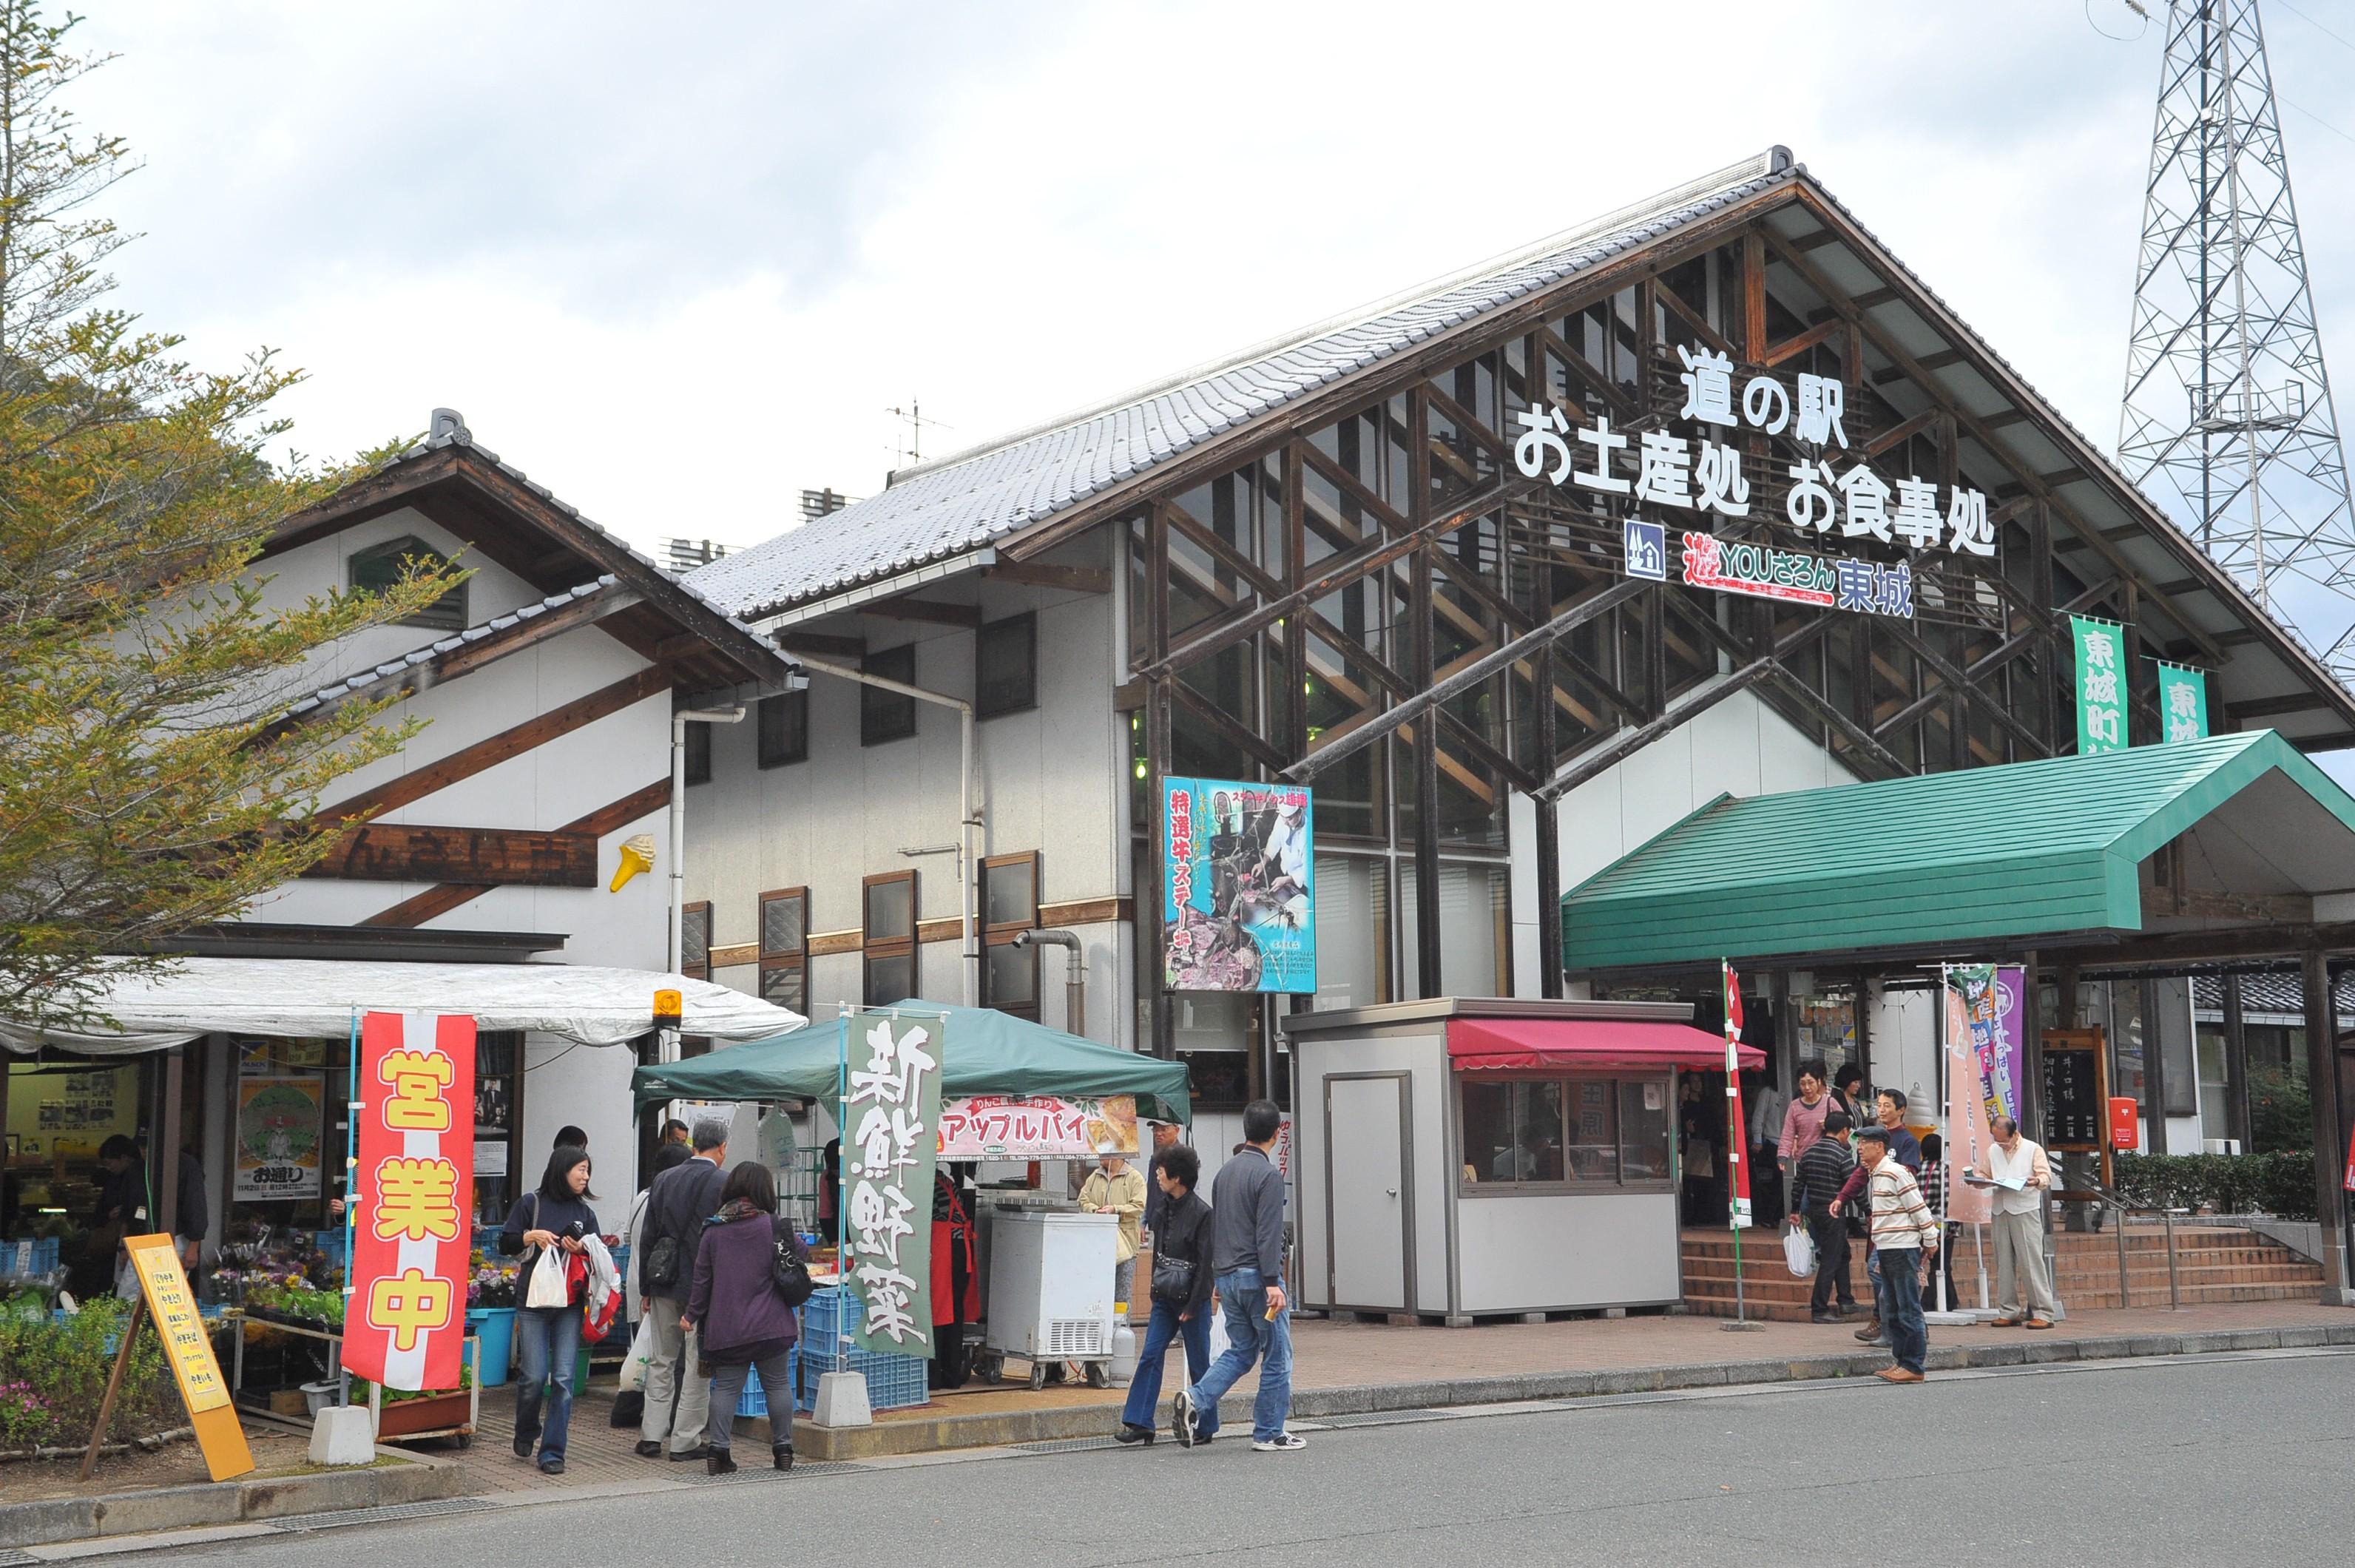 道の駅・遊YOUさろん東城